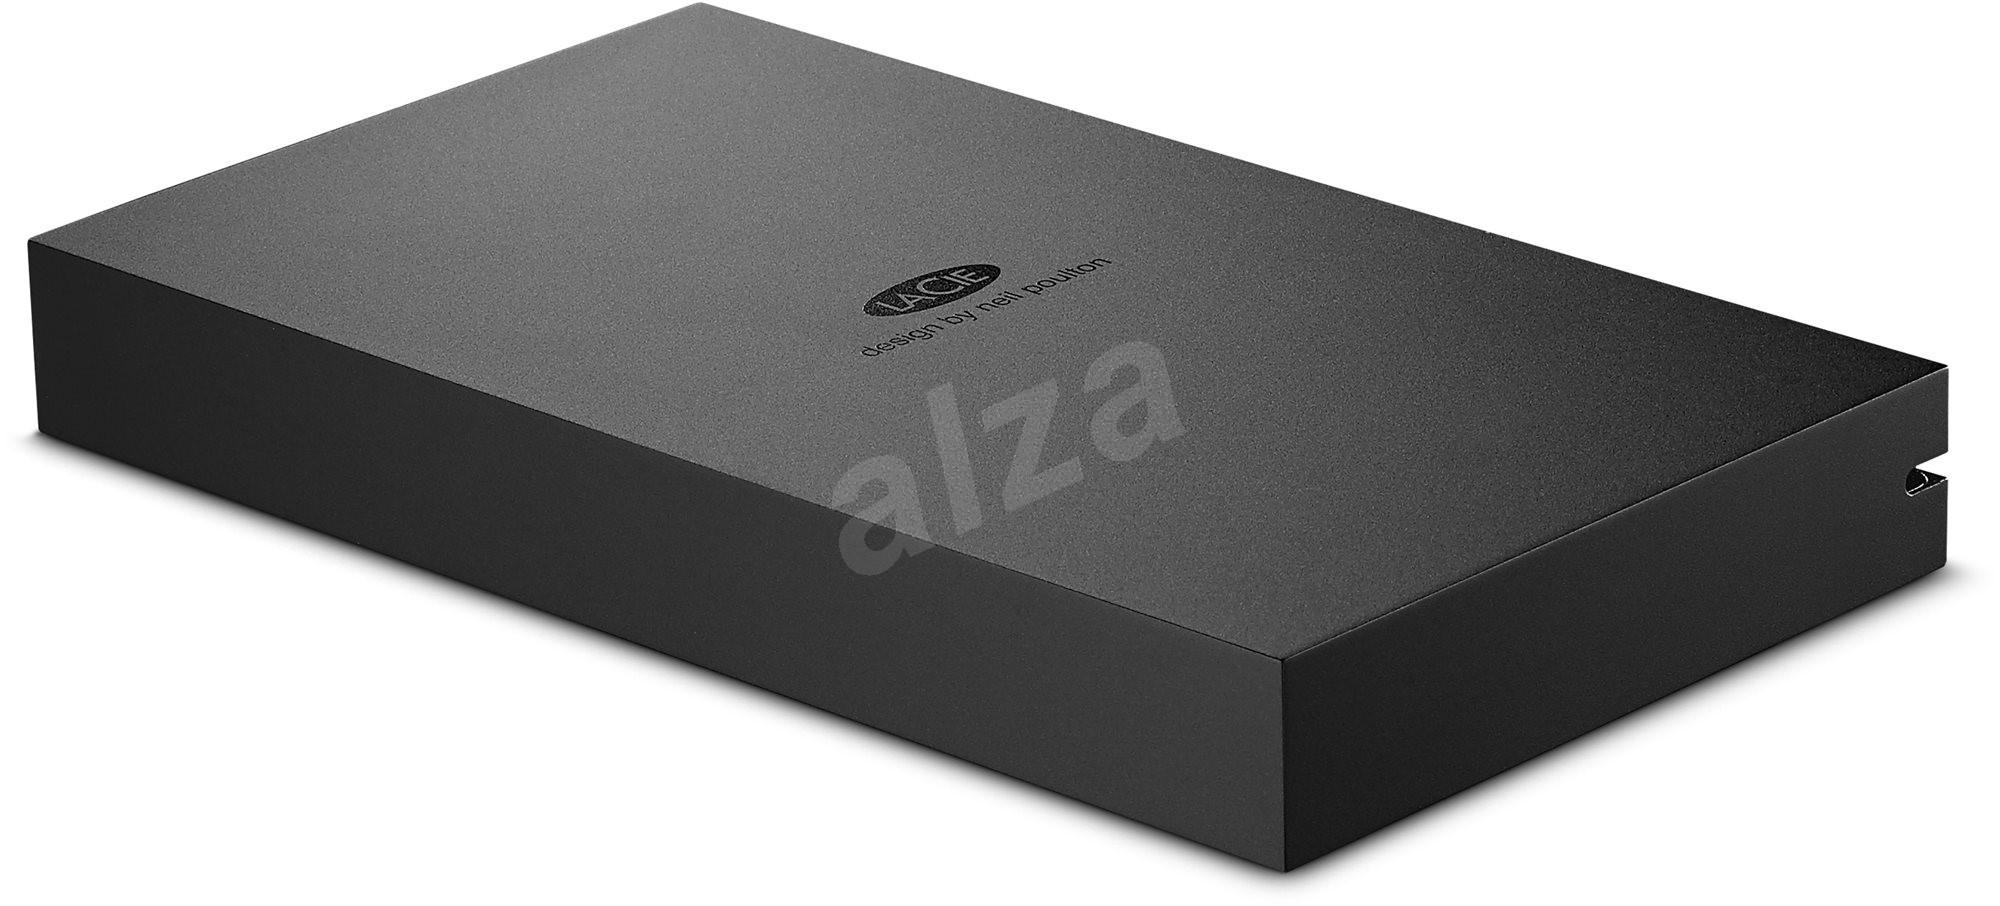 lacie bolt3 2tb thunderbolt 3 externe festplatte. Black Bedroom Furniture Sets. Home Design Ideas